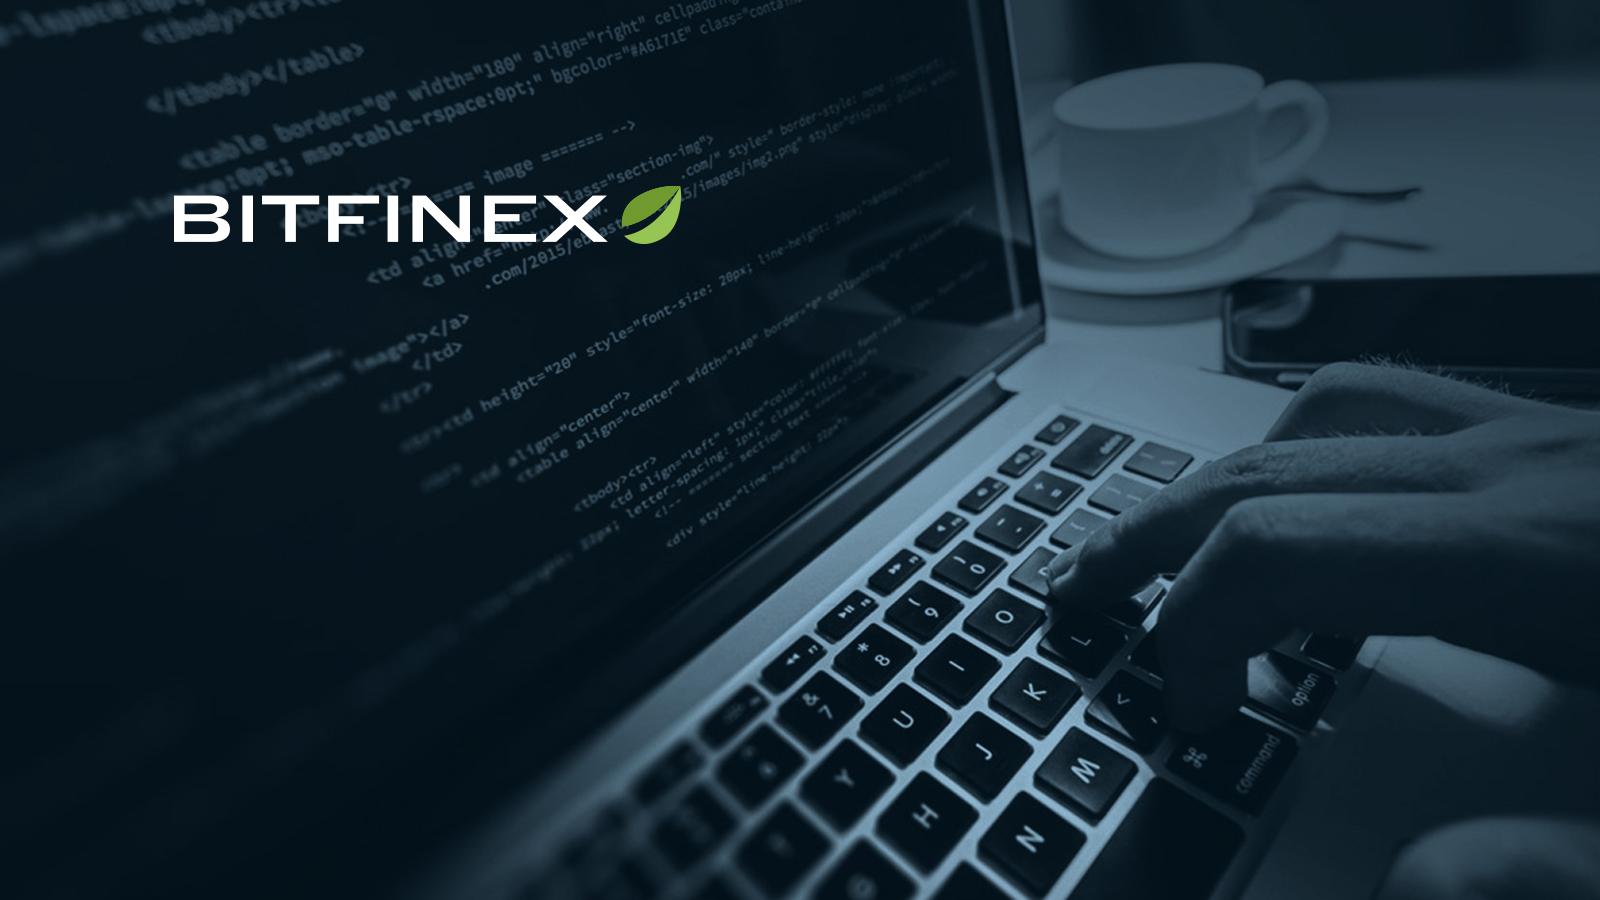 Американские трейдеры все еще имеют доступ к торговле на бирже Bitfinex